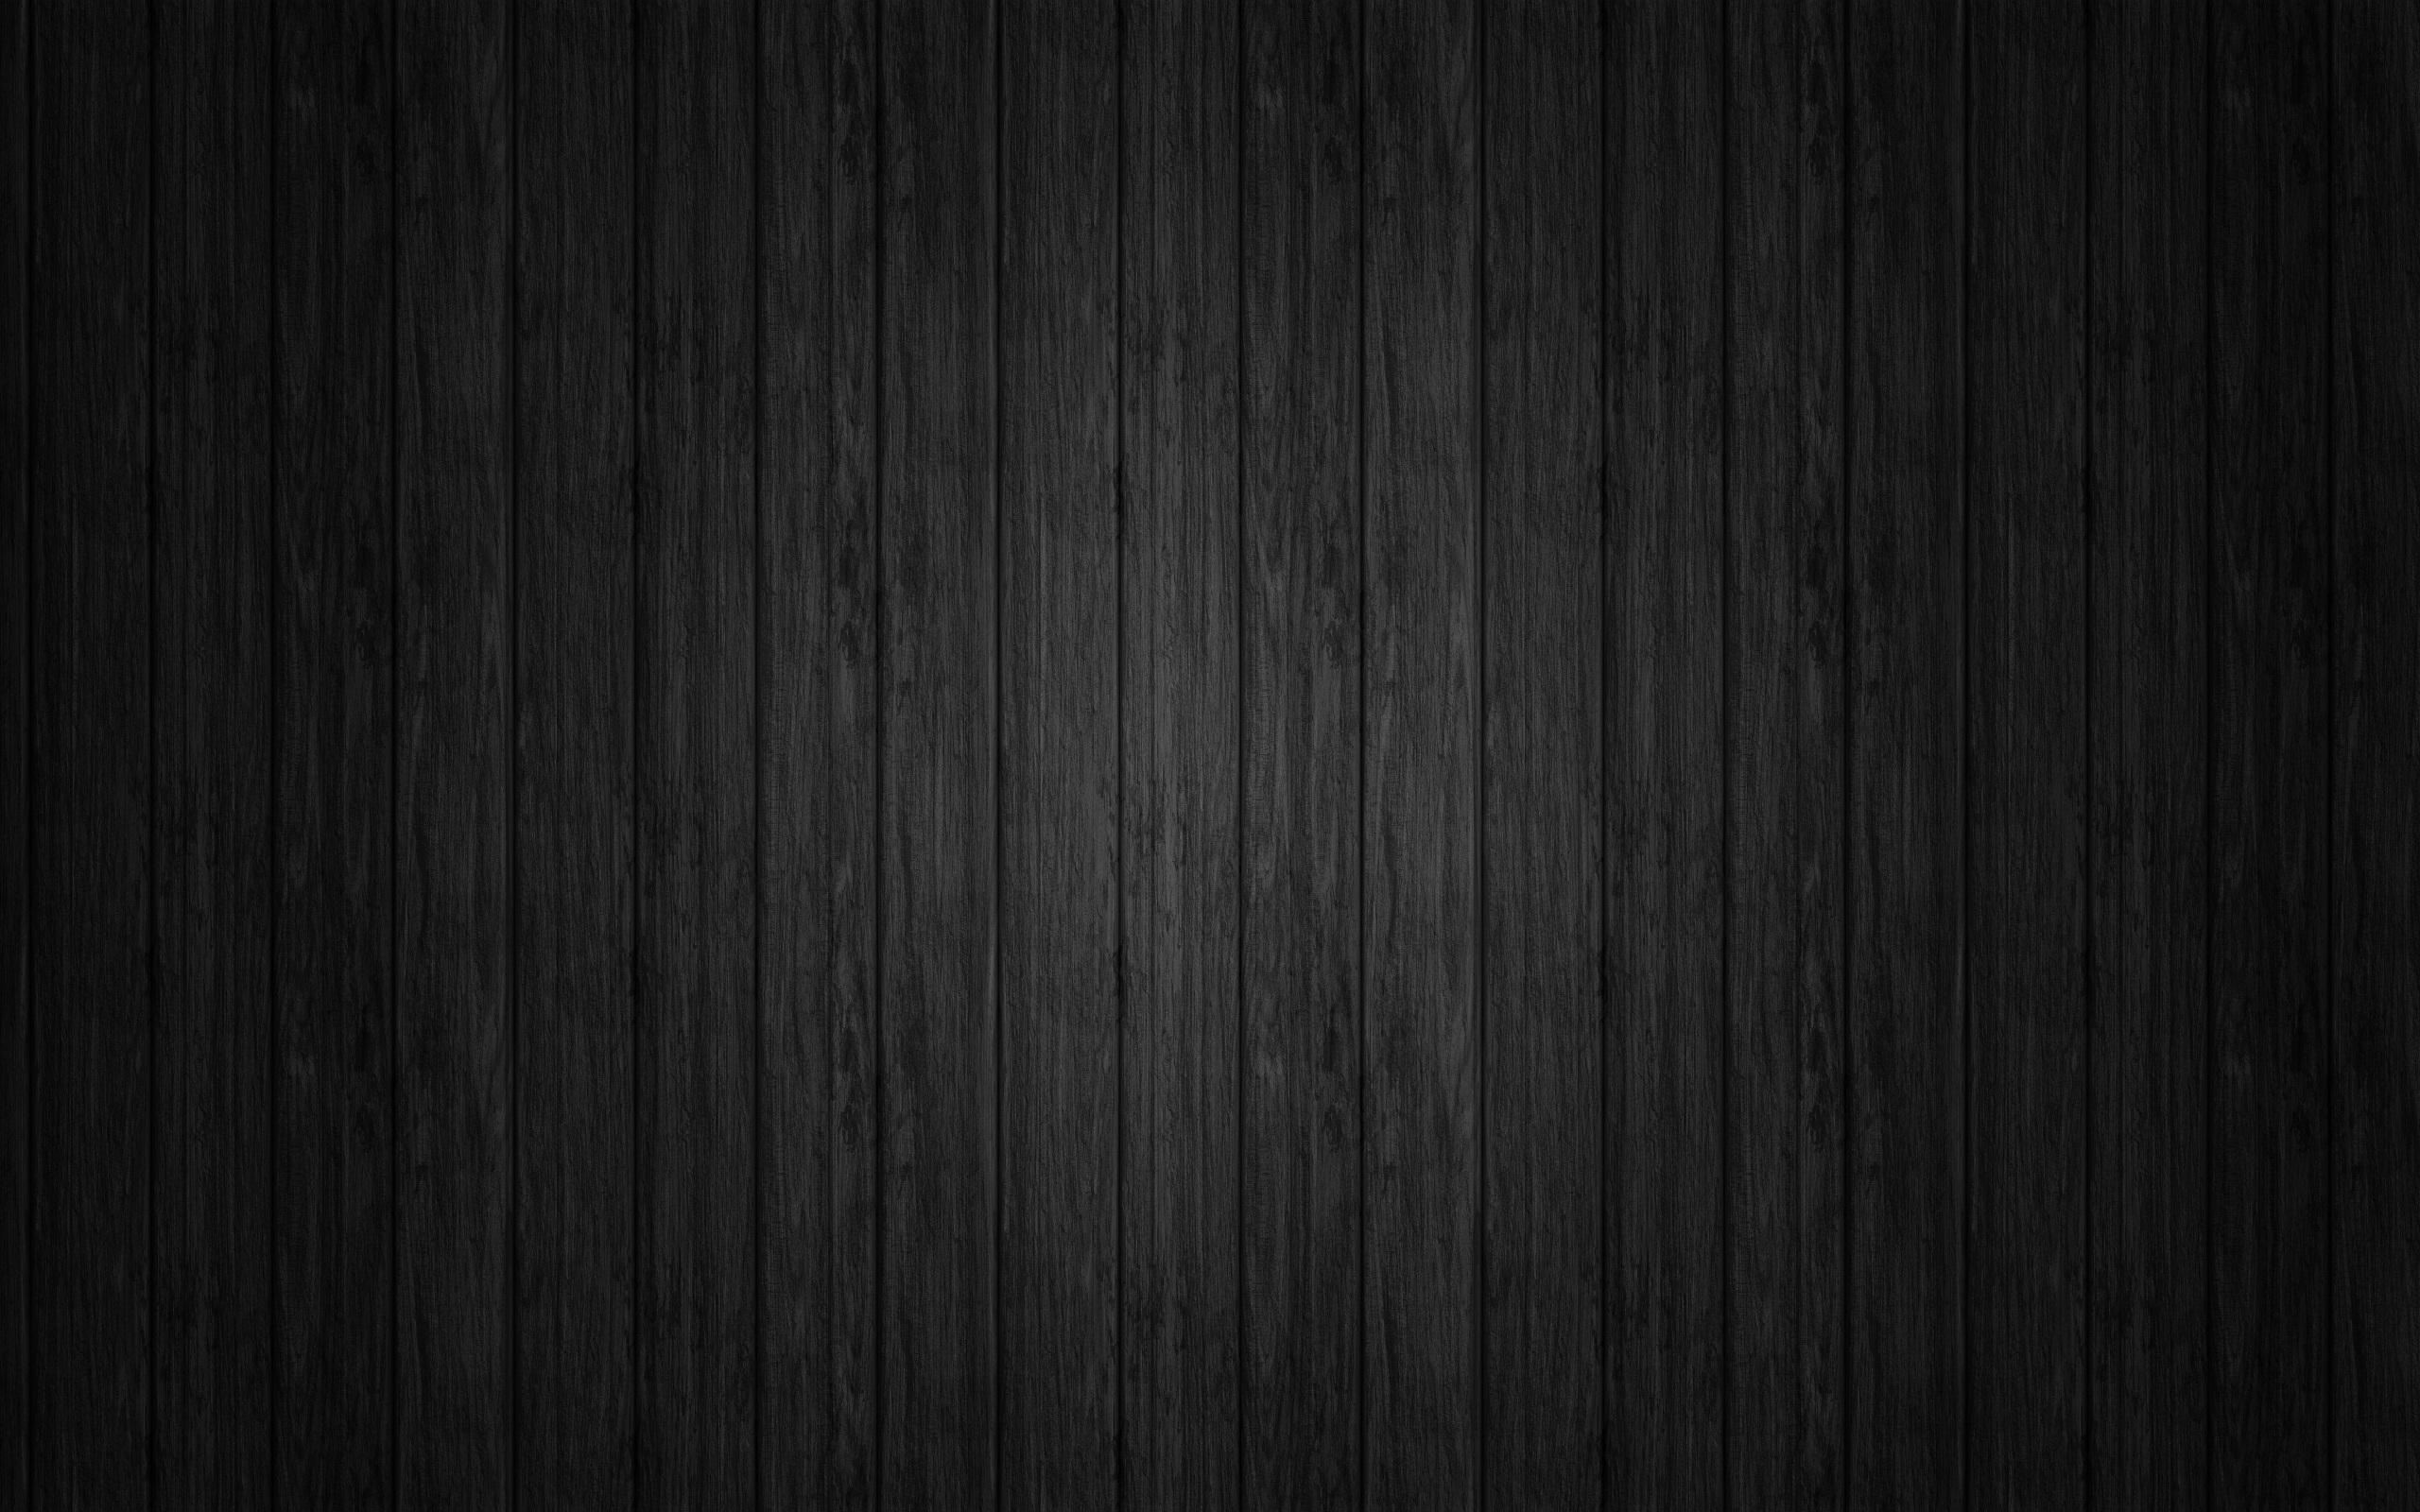 wood-1759566